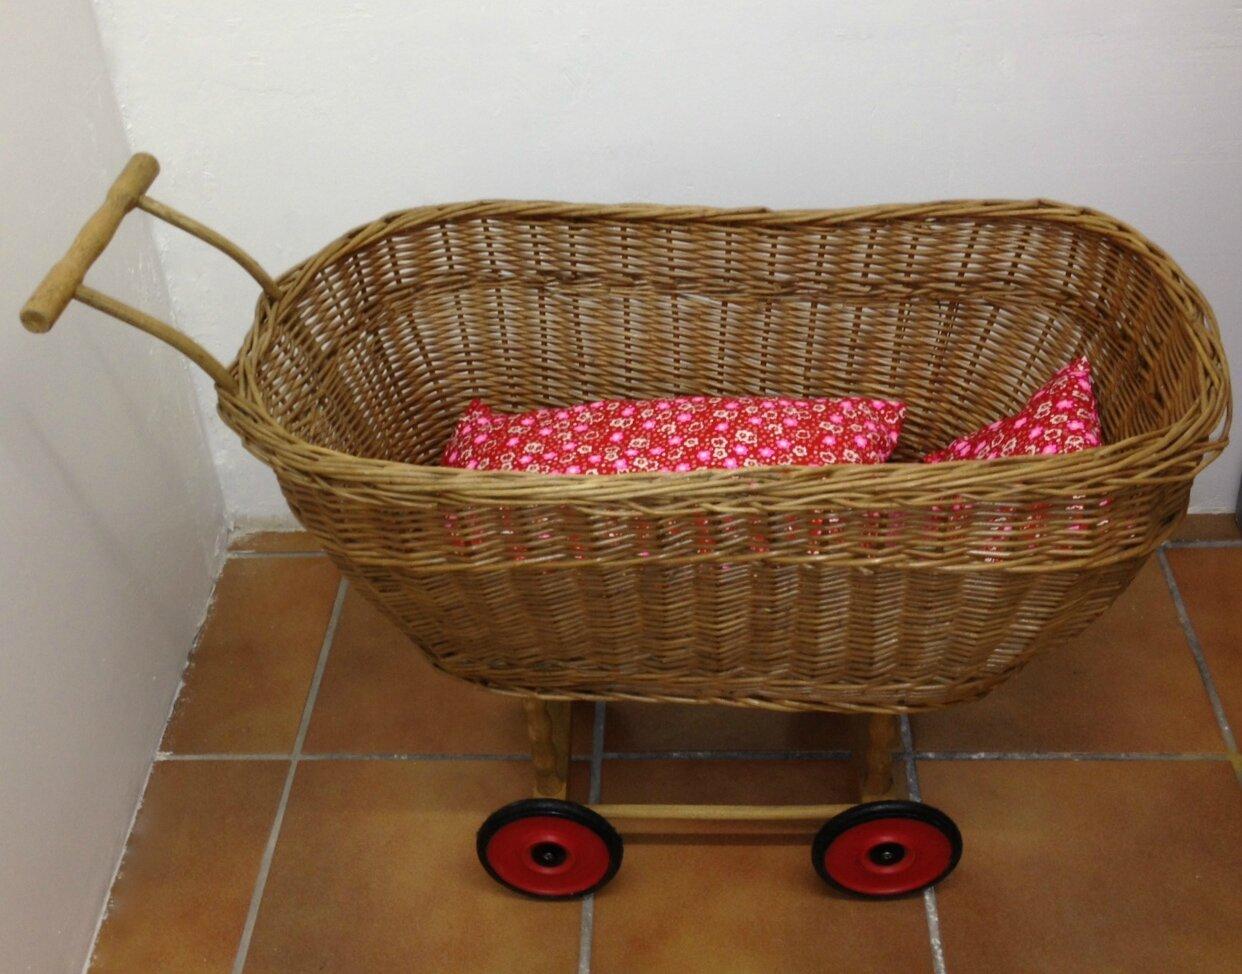 lit de poup e en osier sur roulettes rouges la petite. Black Bedroom Furniture Sets. Home Design Ideas